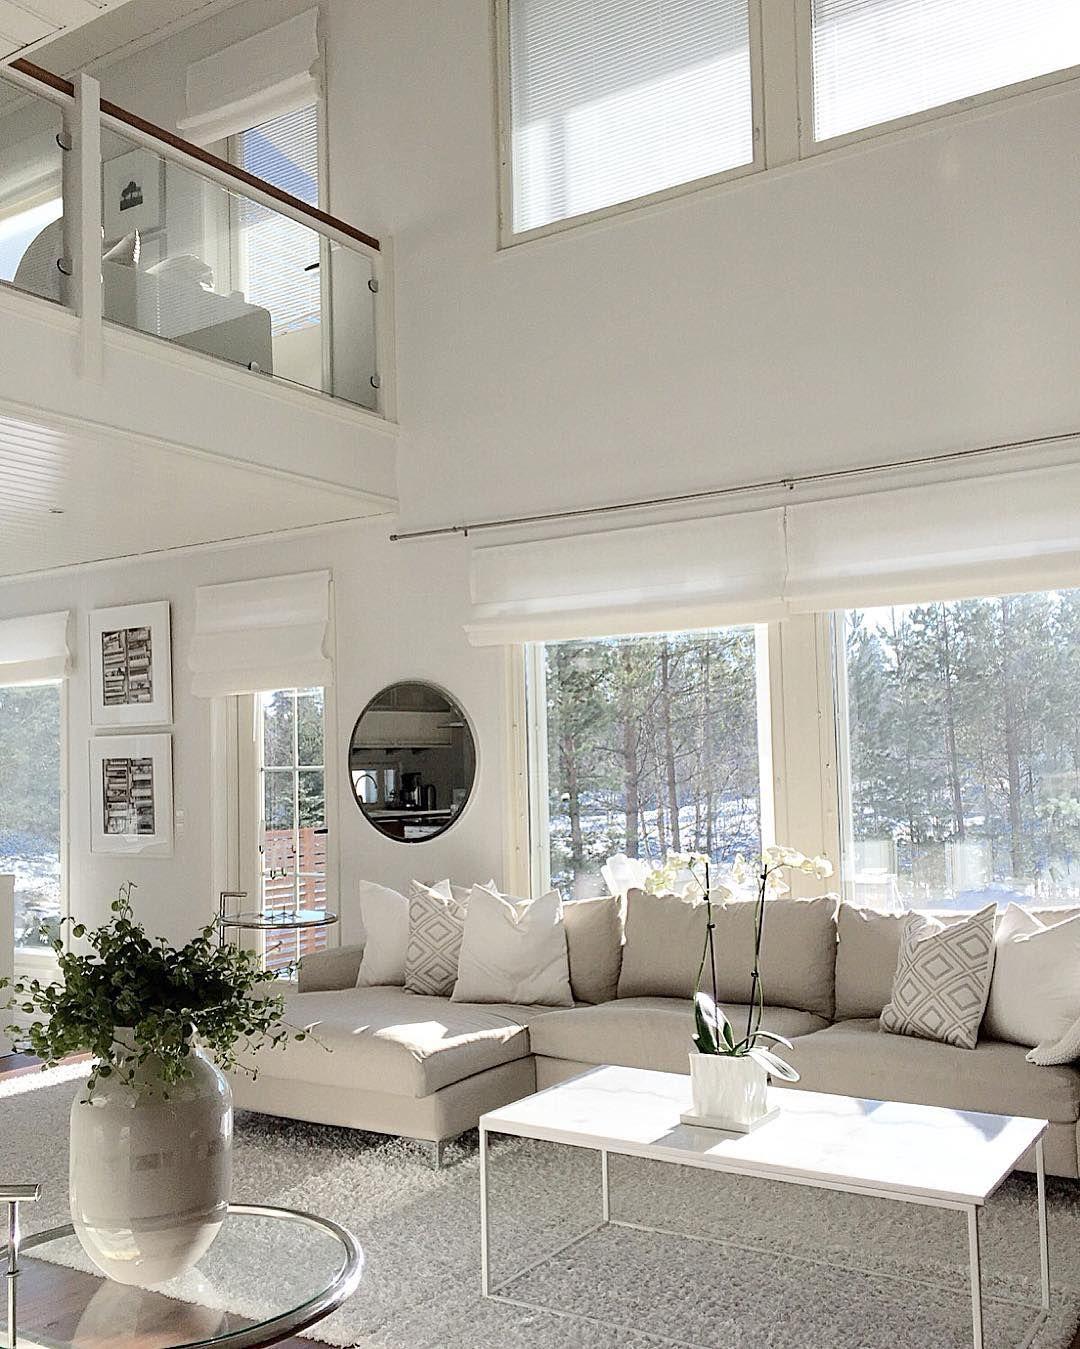 Modernissa valkoisessa sisustuksessa yksityiskohtien muodot tuovat syvyyttä ja monipuolisuutta.